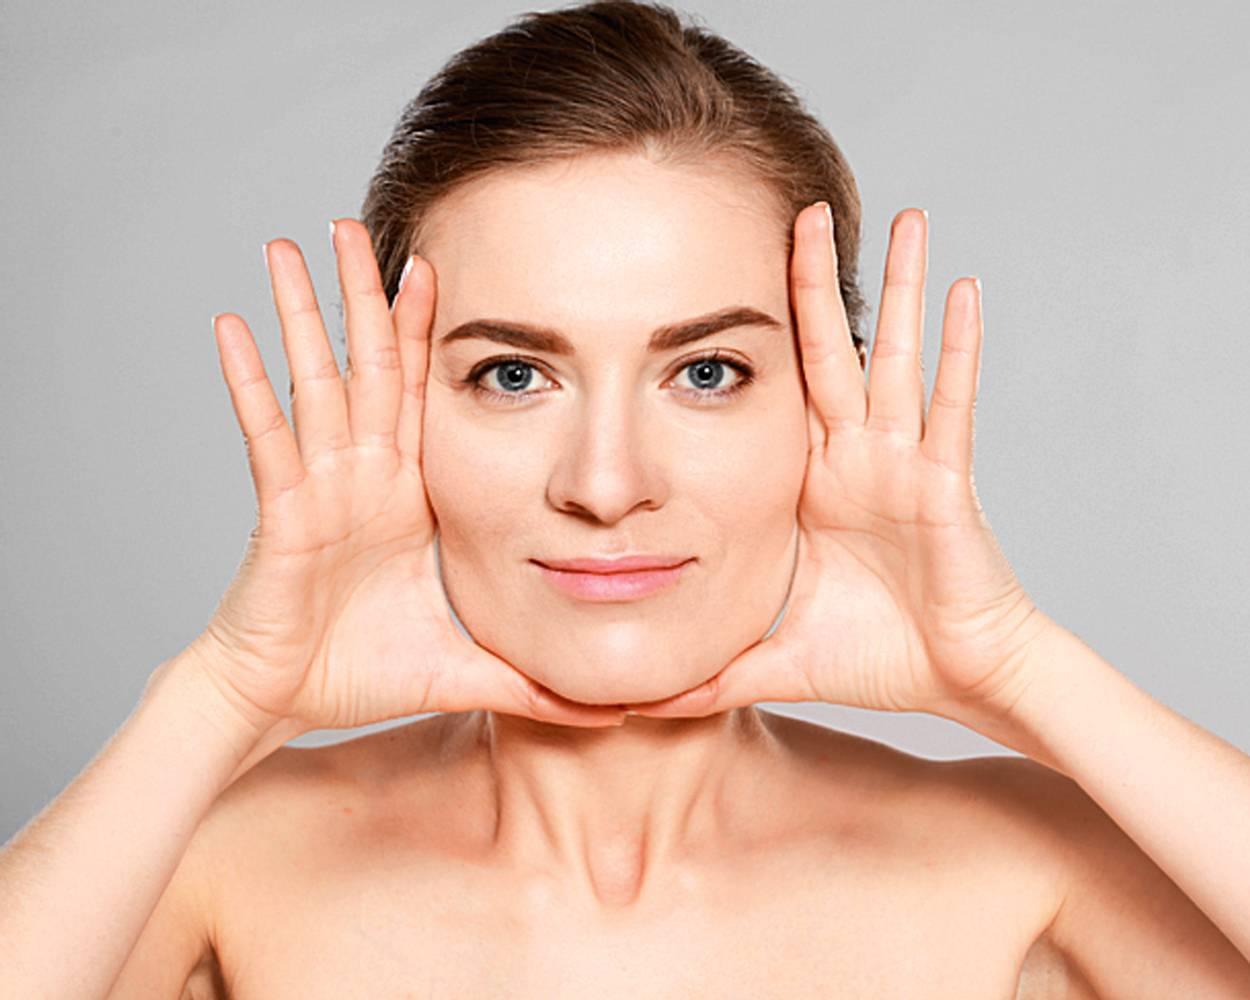 Йога для лица и шеи: 10 упражнений для подтяжки, омоложения и от морщин